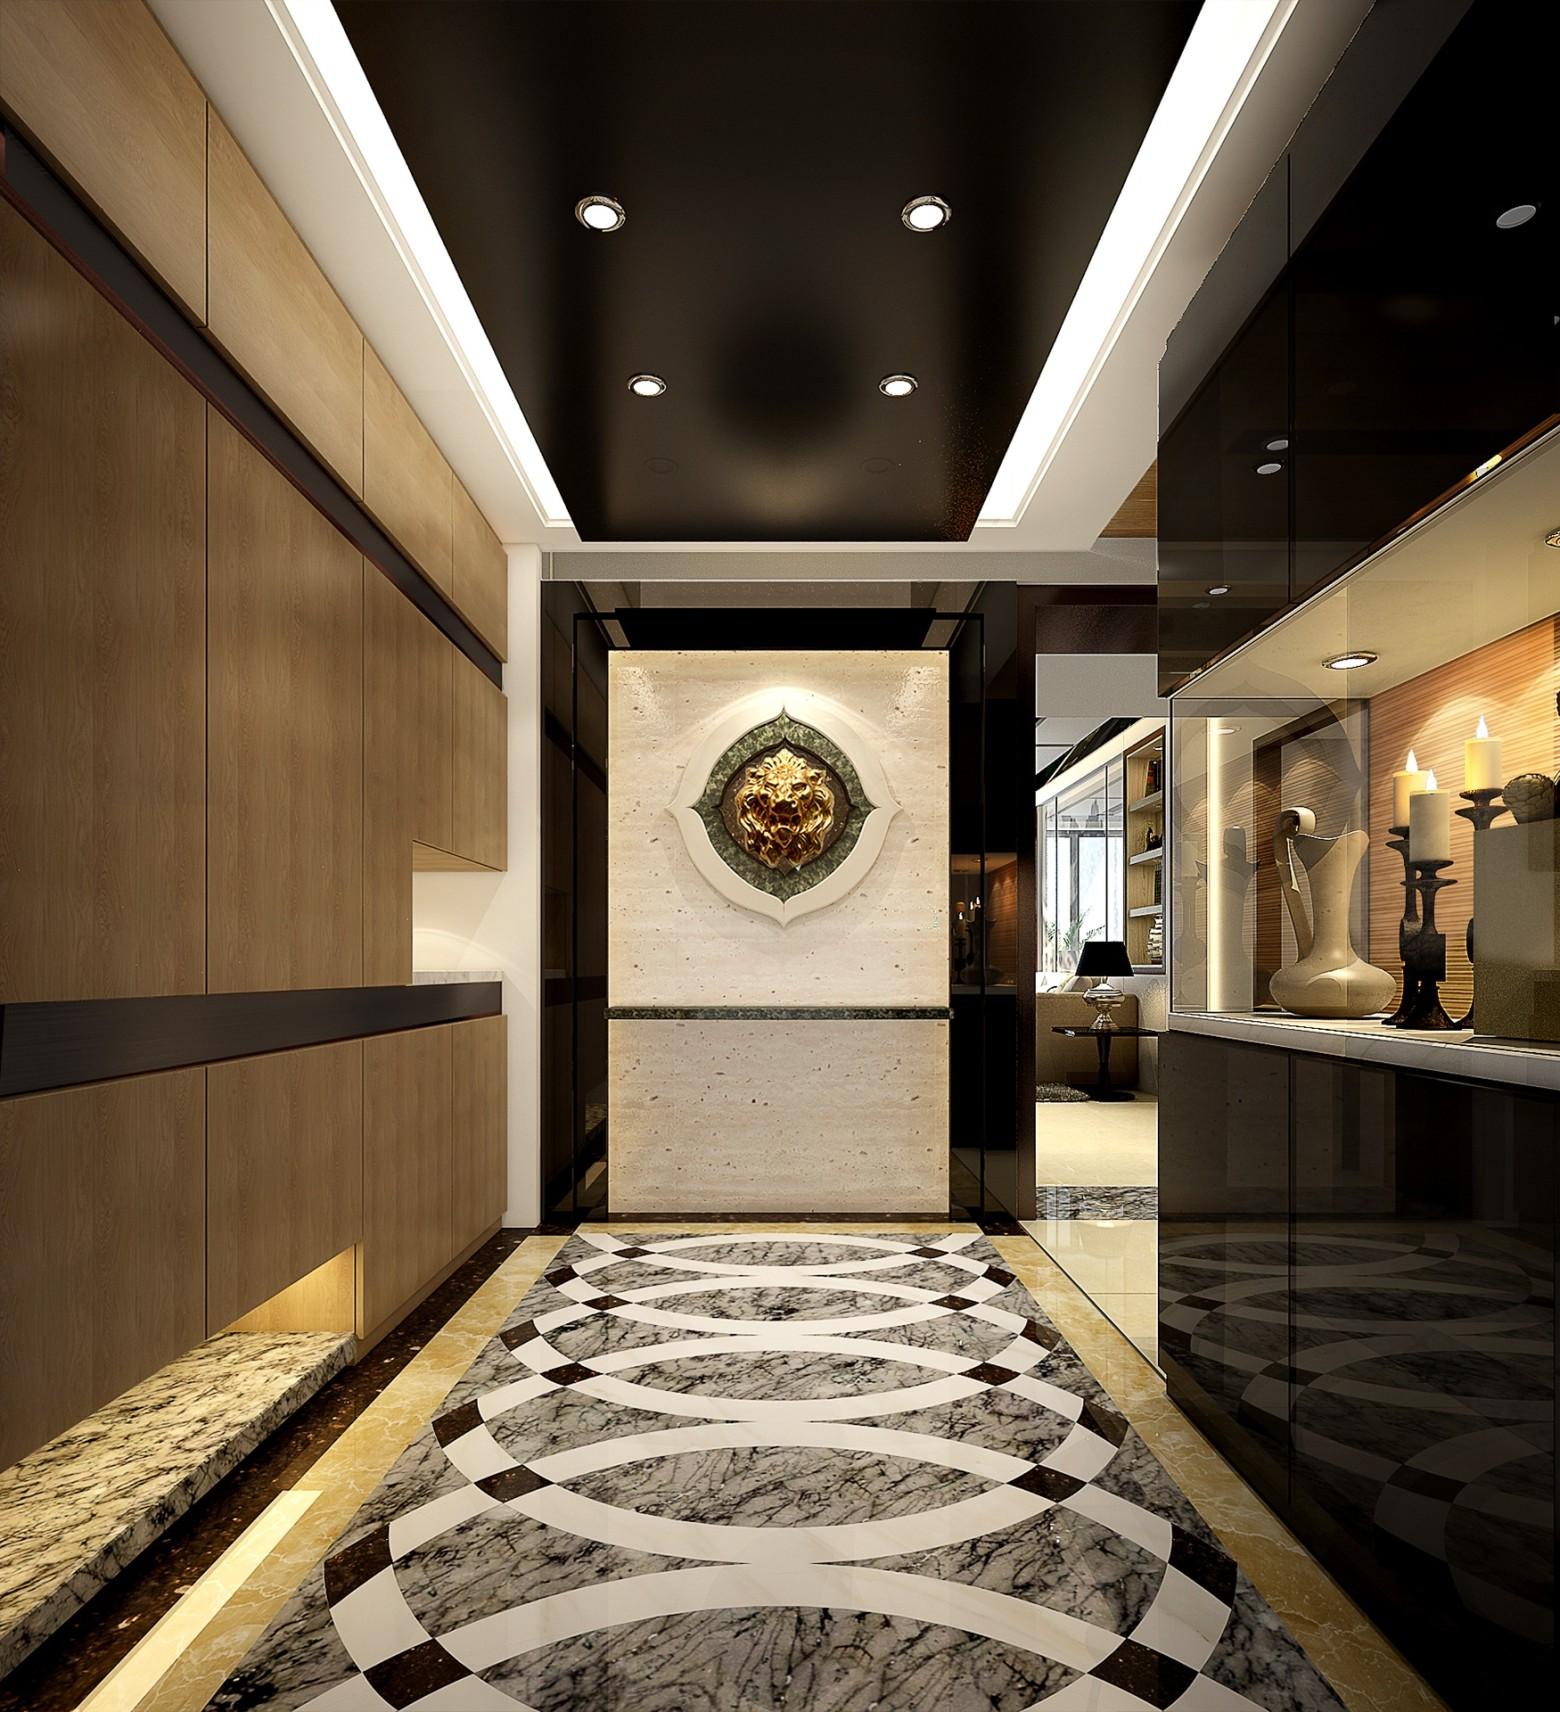 images gratuites libres de droits sans droits d auteur villa luxe moderne interieur meilleur de decoration interieur maison